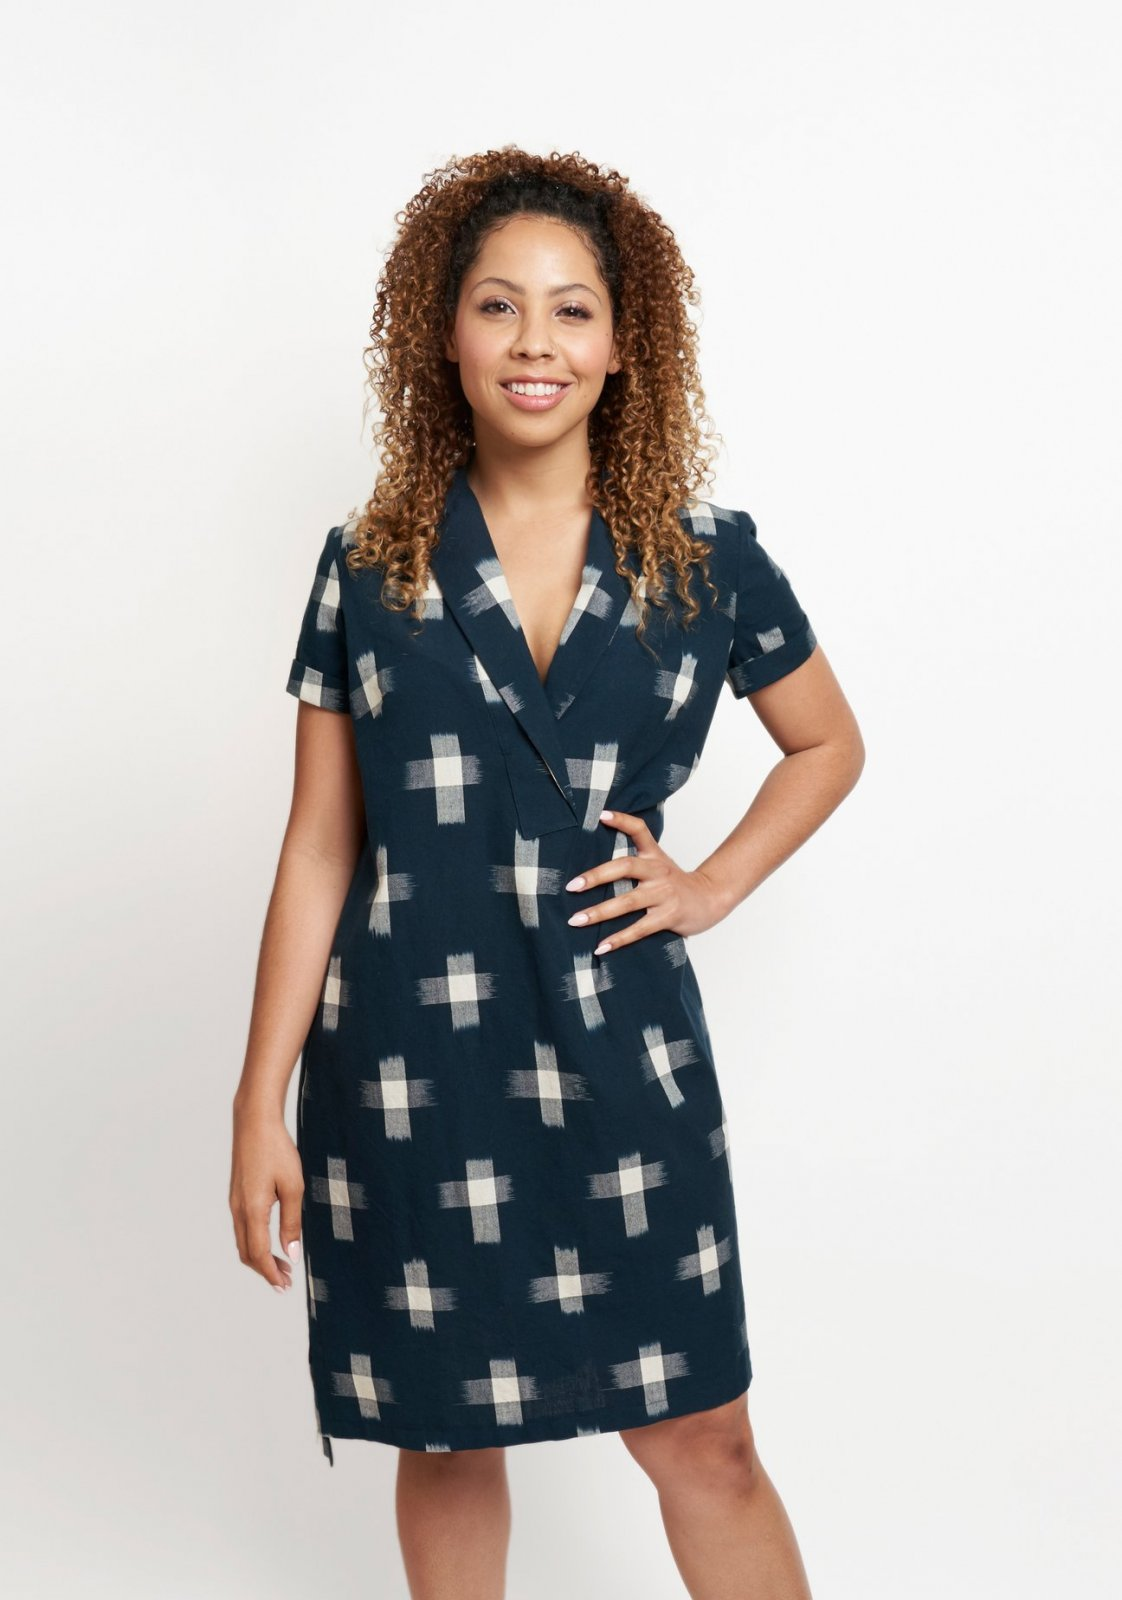 Augusta Shirt & Dress - Grainline